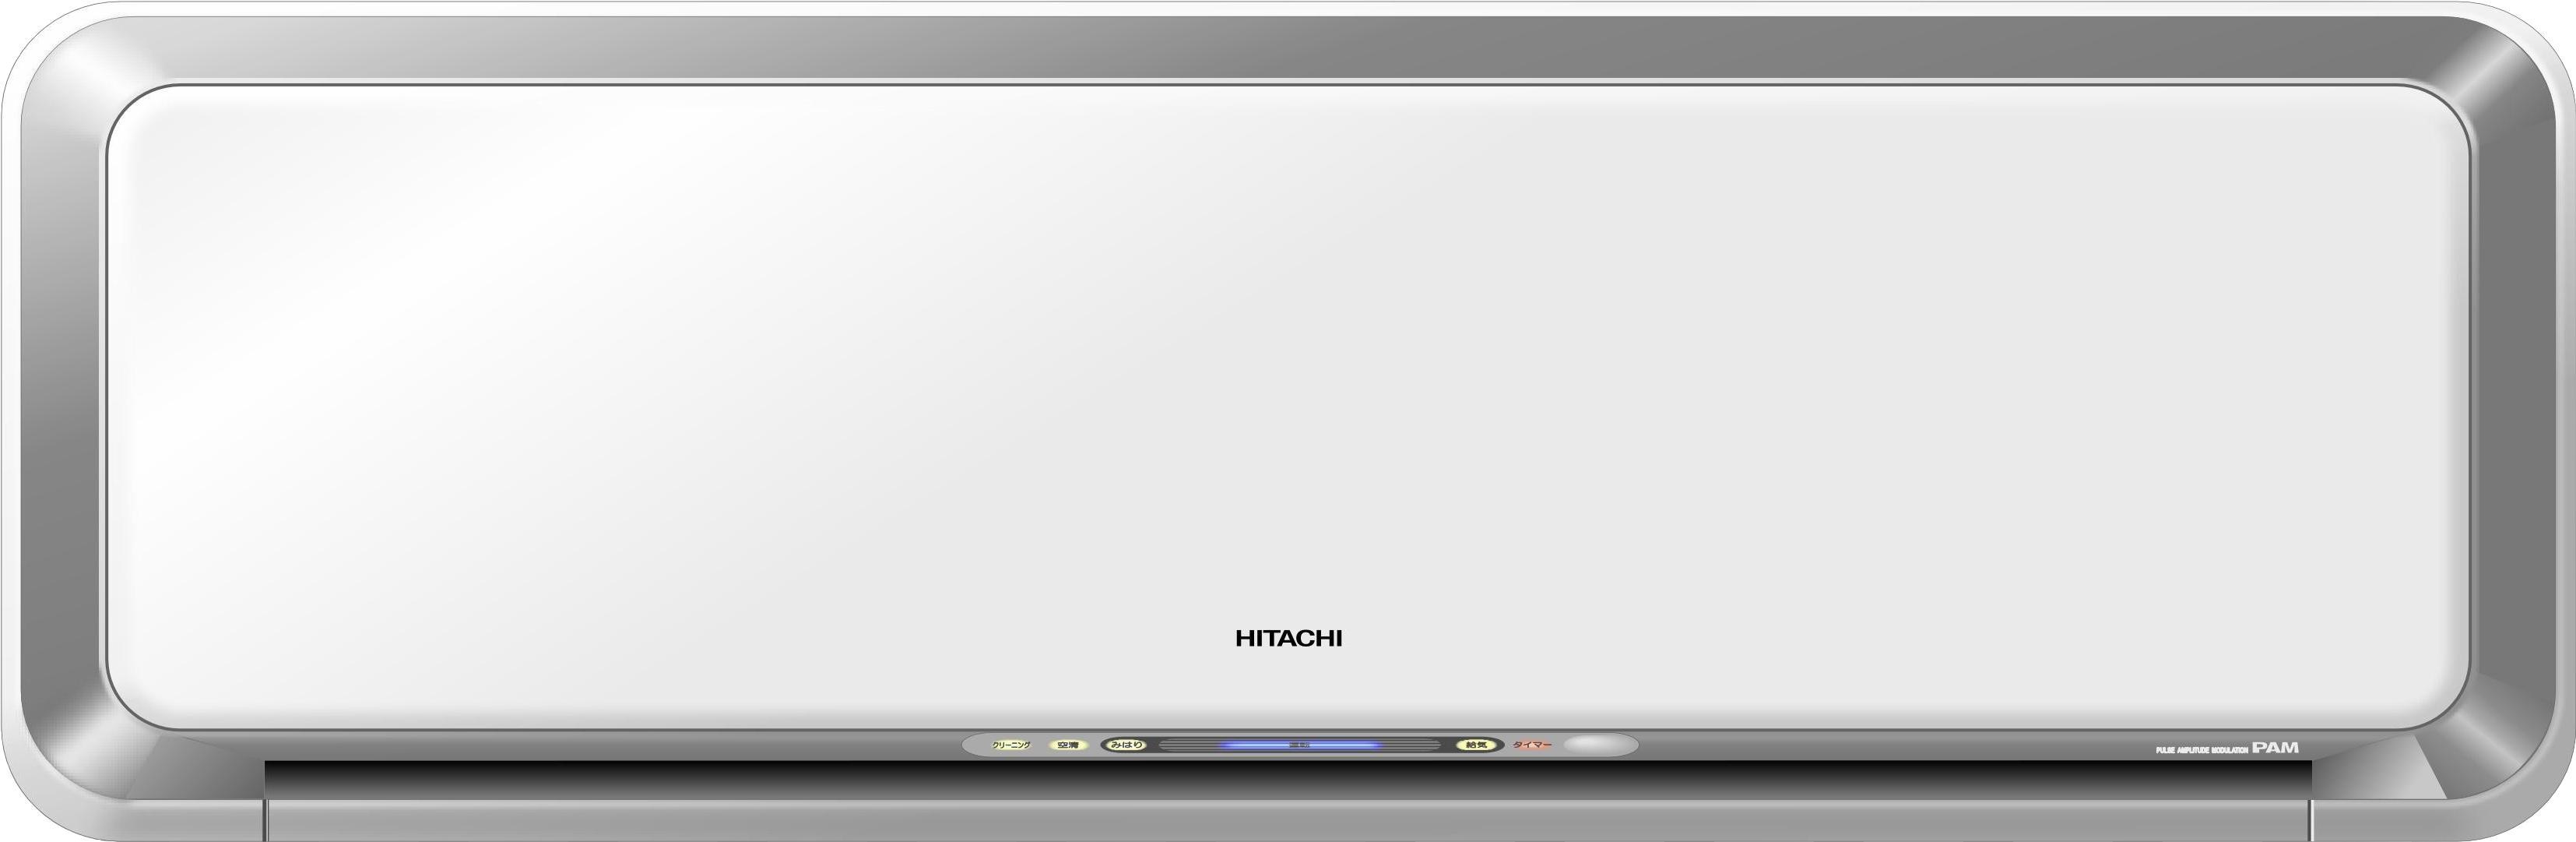 Hitachi RAS-35WX8